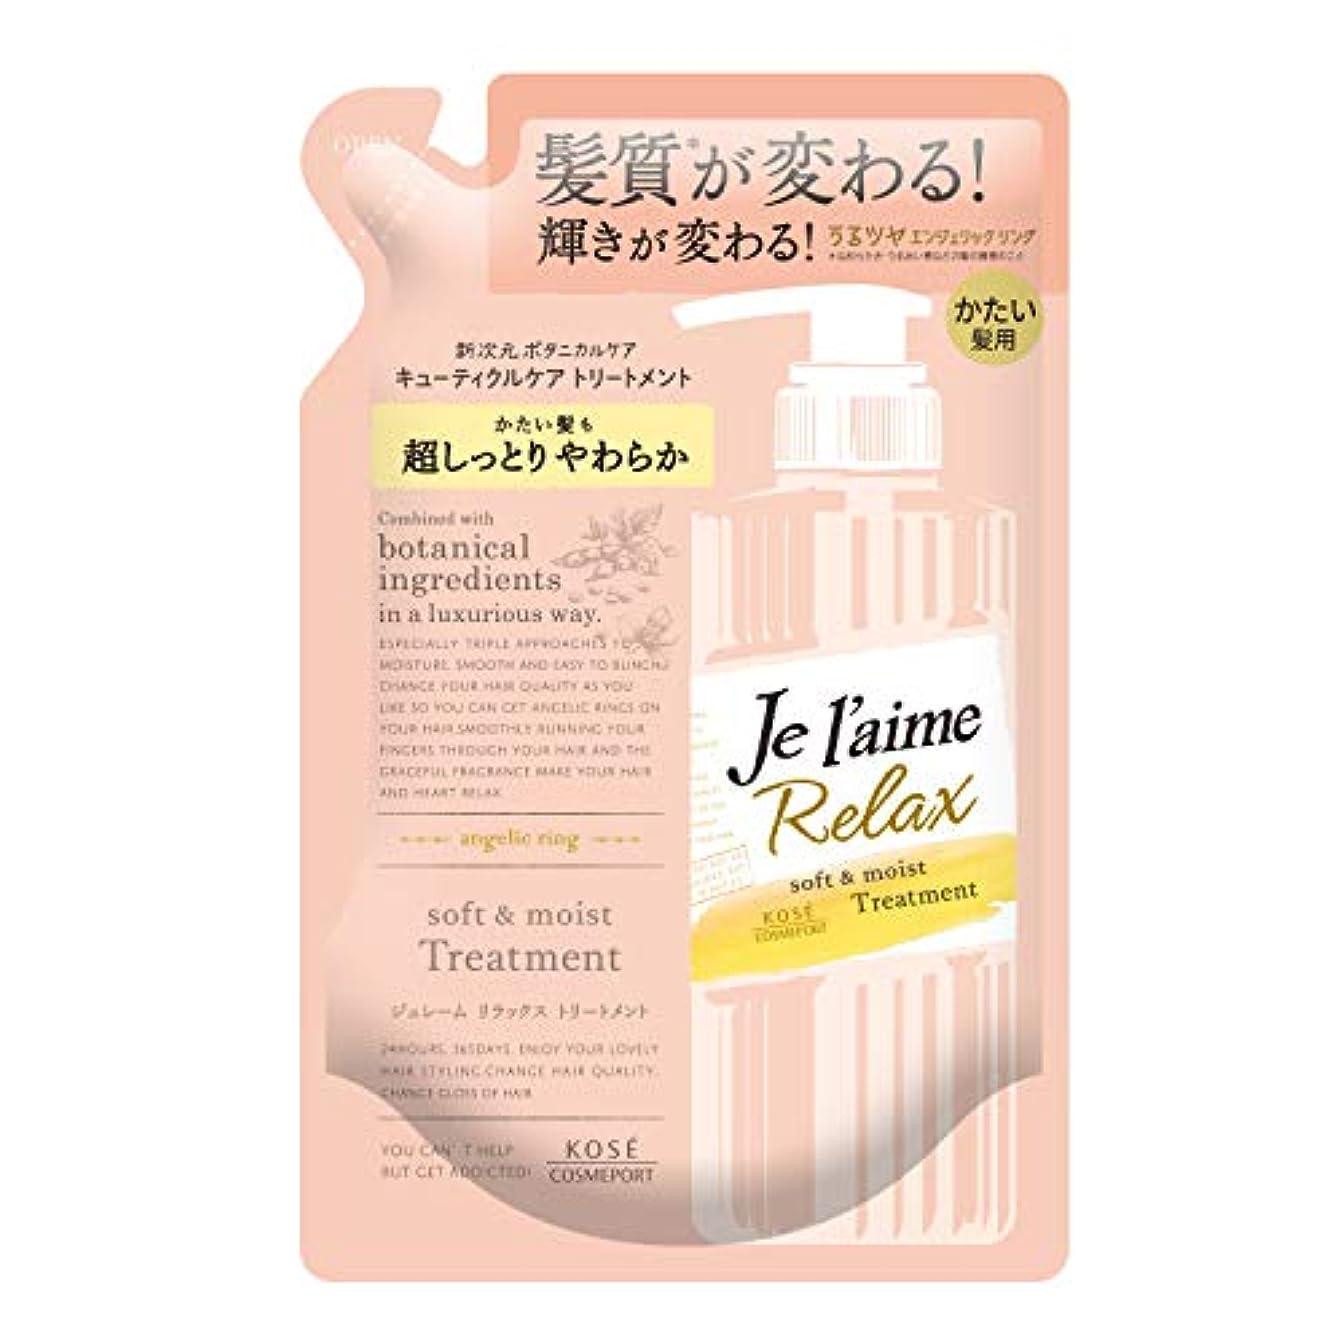 KOSE ジュレーム リラックス トリートメント (ソフト&モイスト) つめかえ かたい髪用 360mL